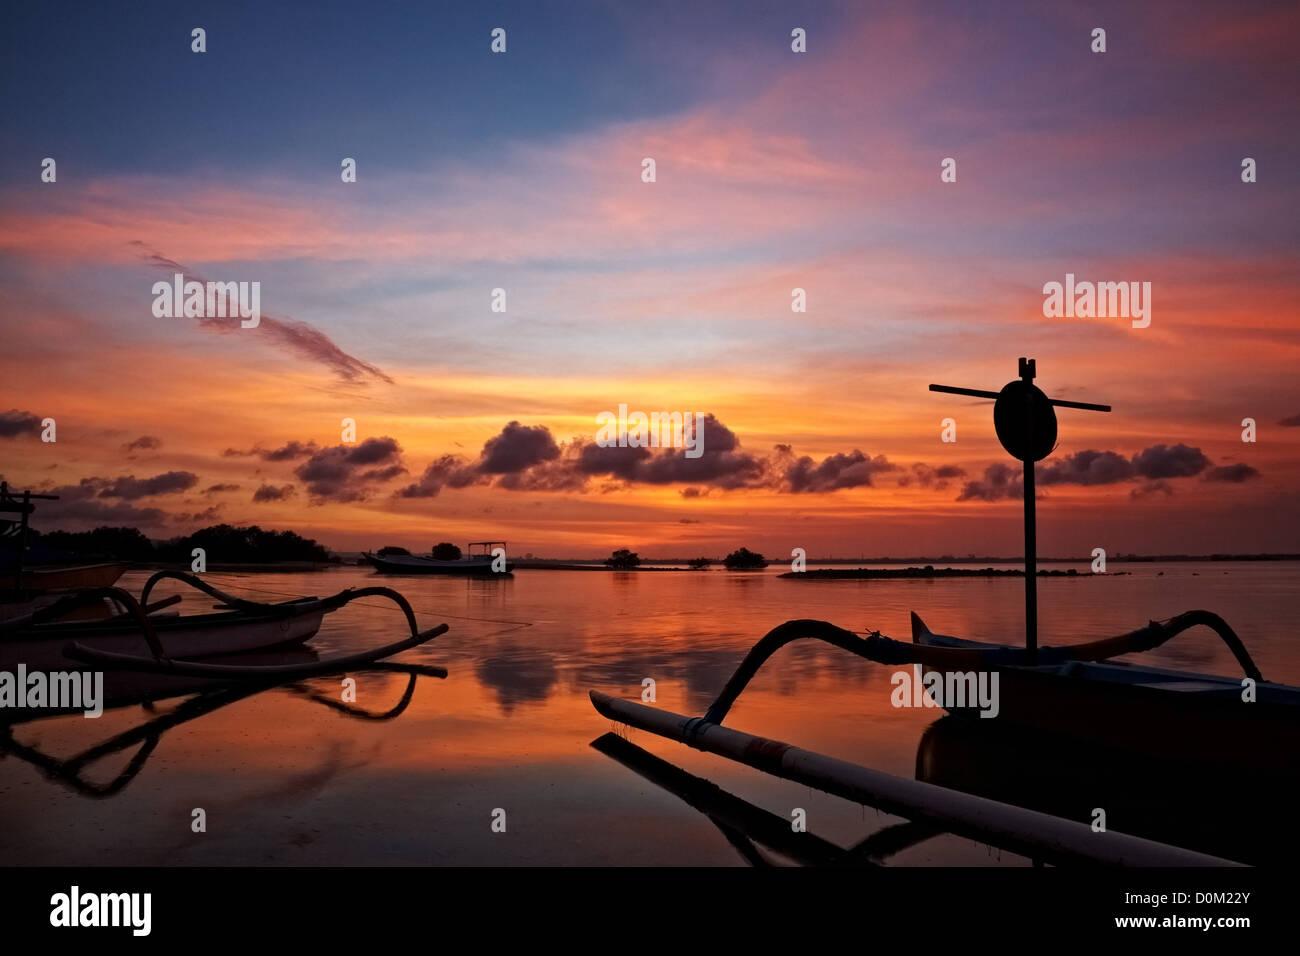 Coucher de soleil sur les bateaux de pêche traditionnels de Bali, Indonésie Photo Stock